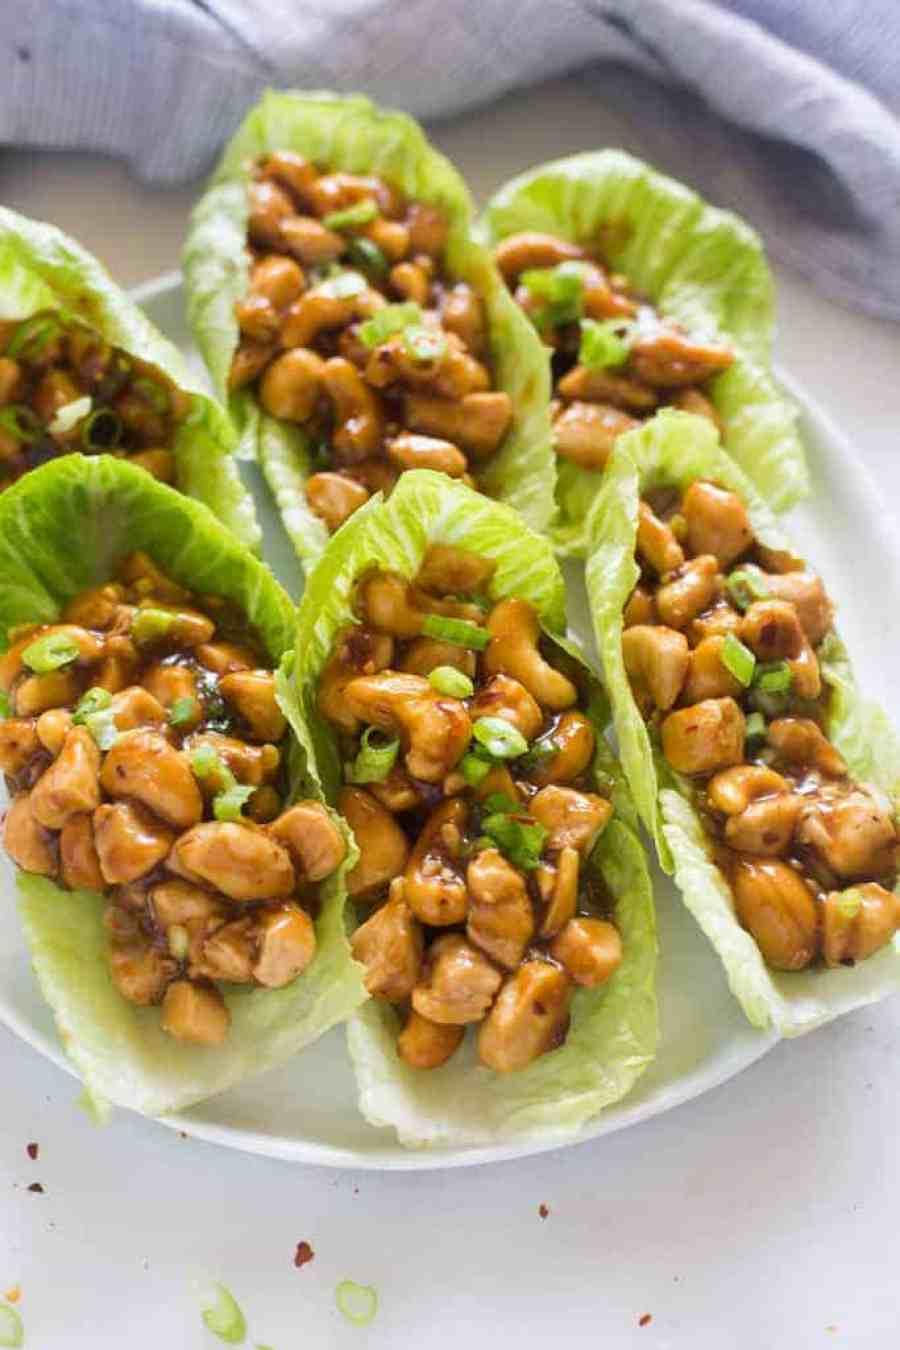 Cashew Chicken Lettuce Wraps | tastesbetterfromscratch.com